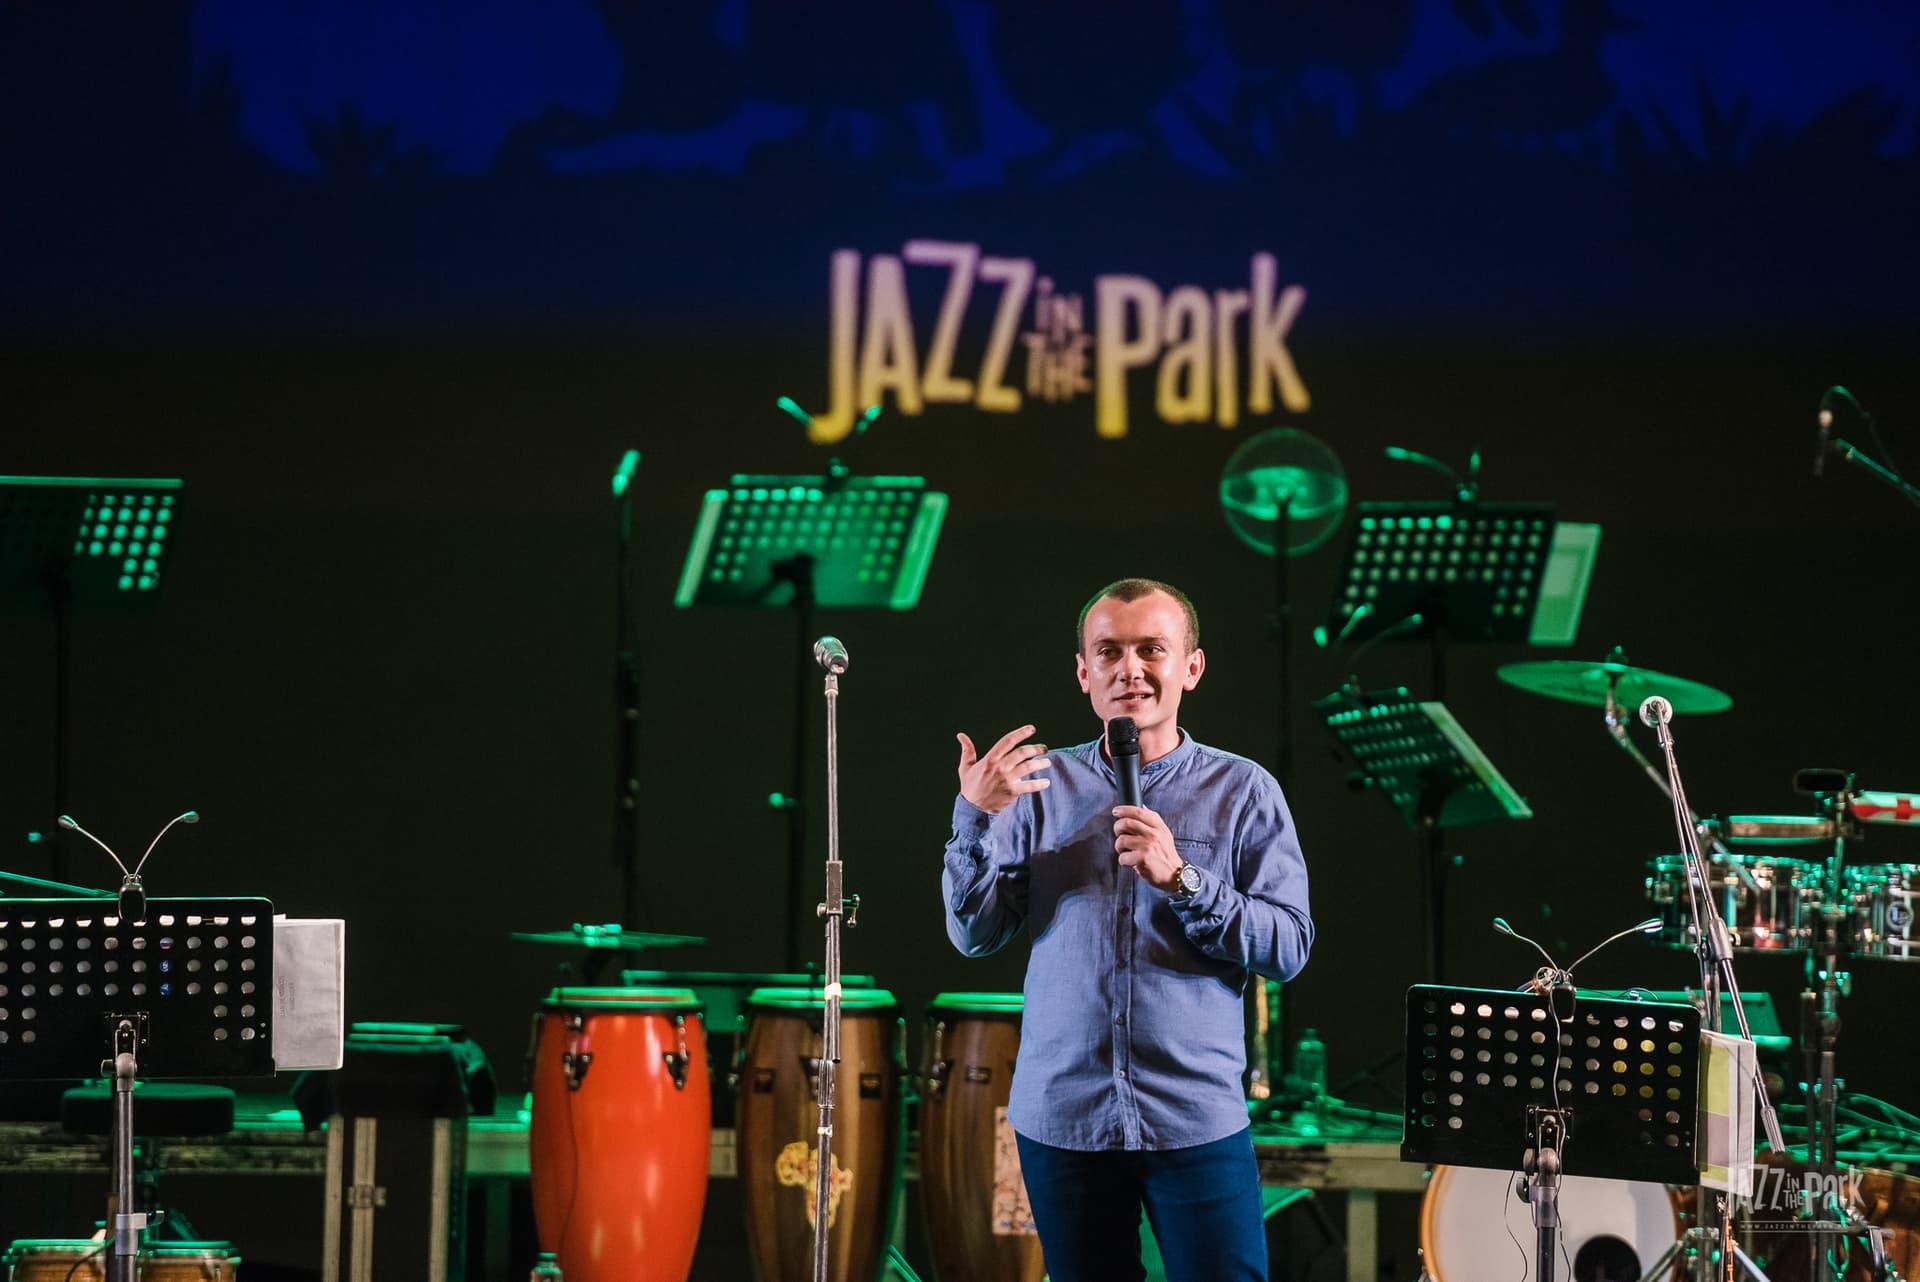 Începe ediția a șaptea Jazz in the Park